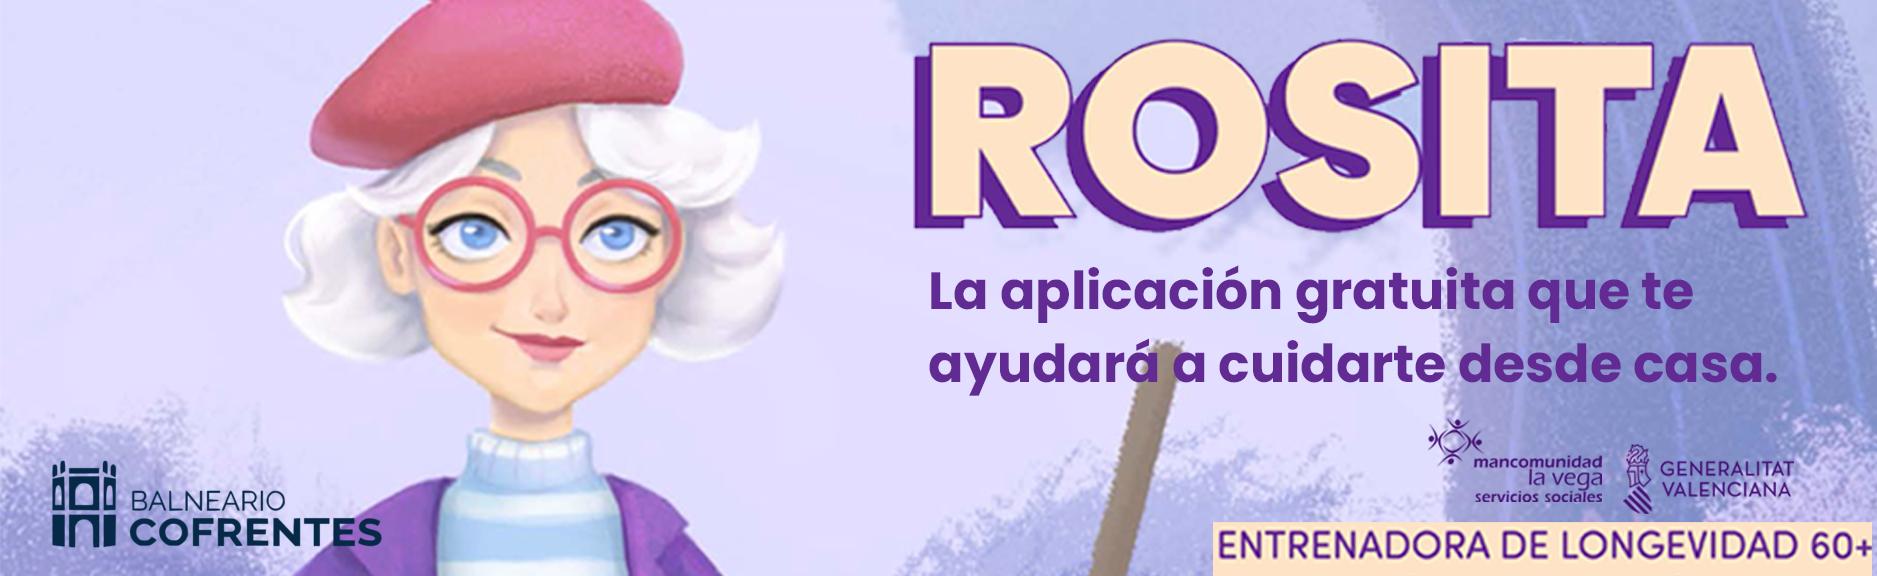 Banner Rosita. La aplicación gratuita que te ayudará a cuidarte desde casa